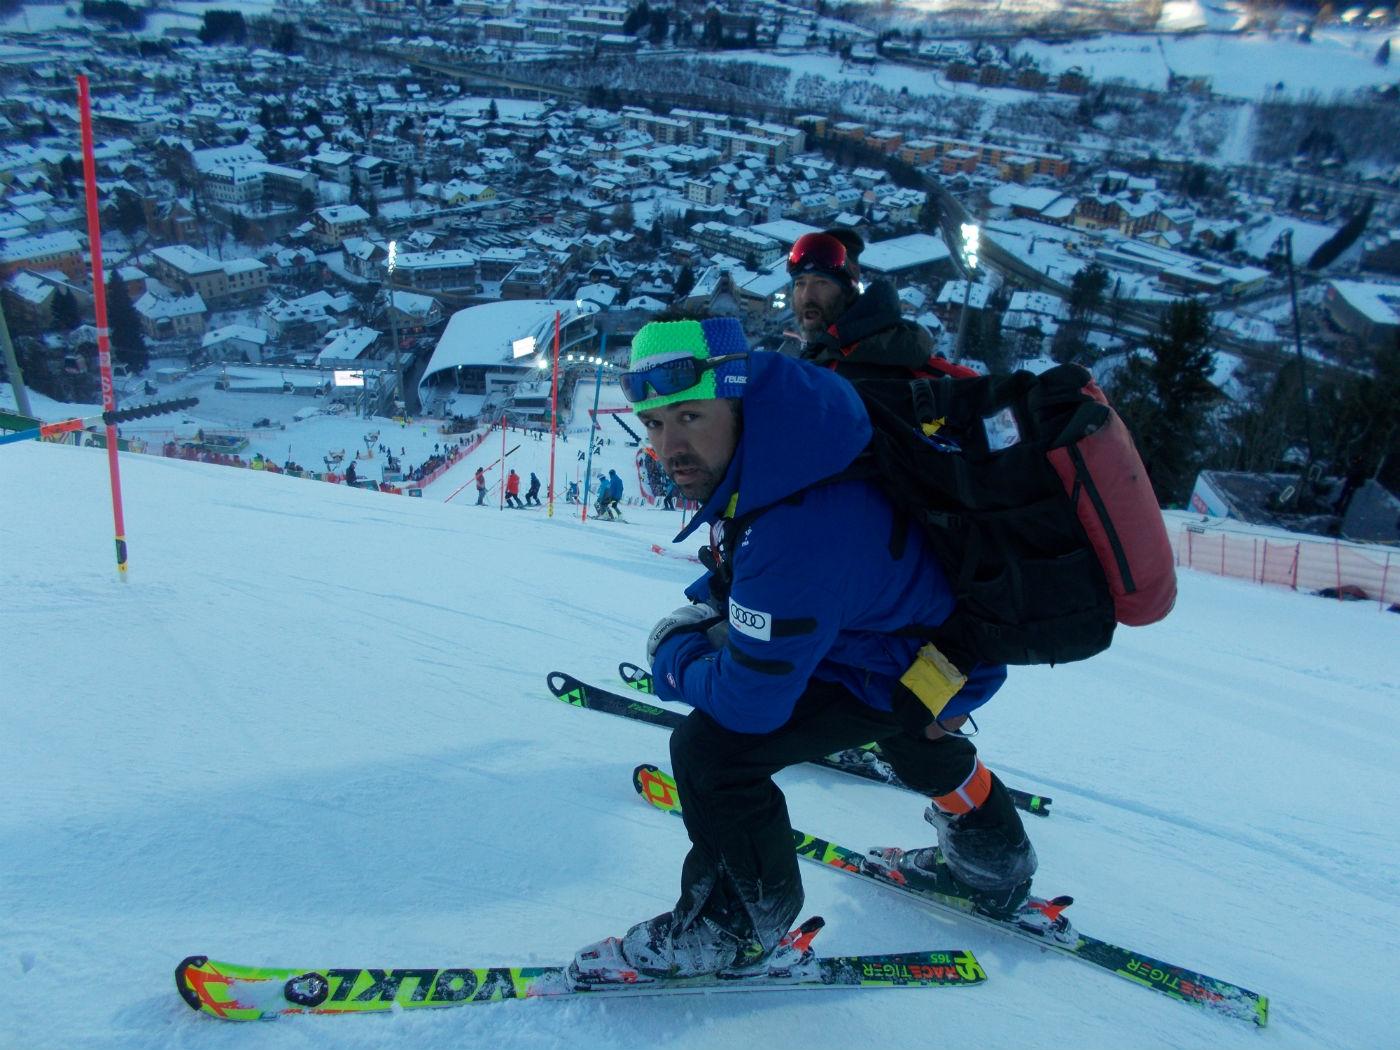 Il coach valdostano degli Svizzeri Matteo Joris all'attacco del muro ©Gabriele Pezzaglia